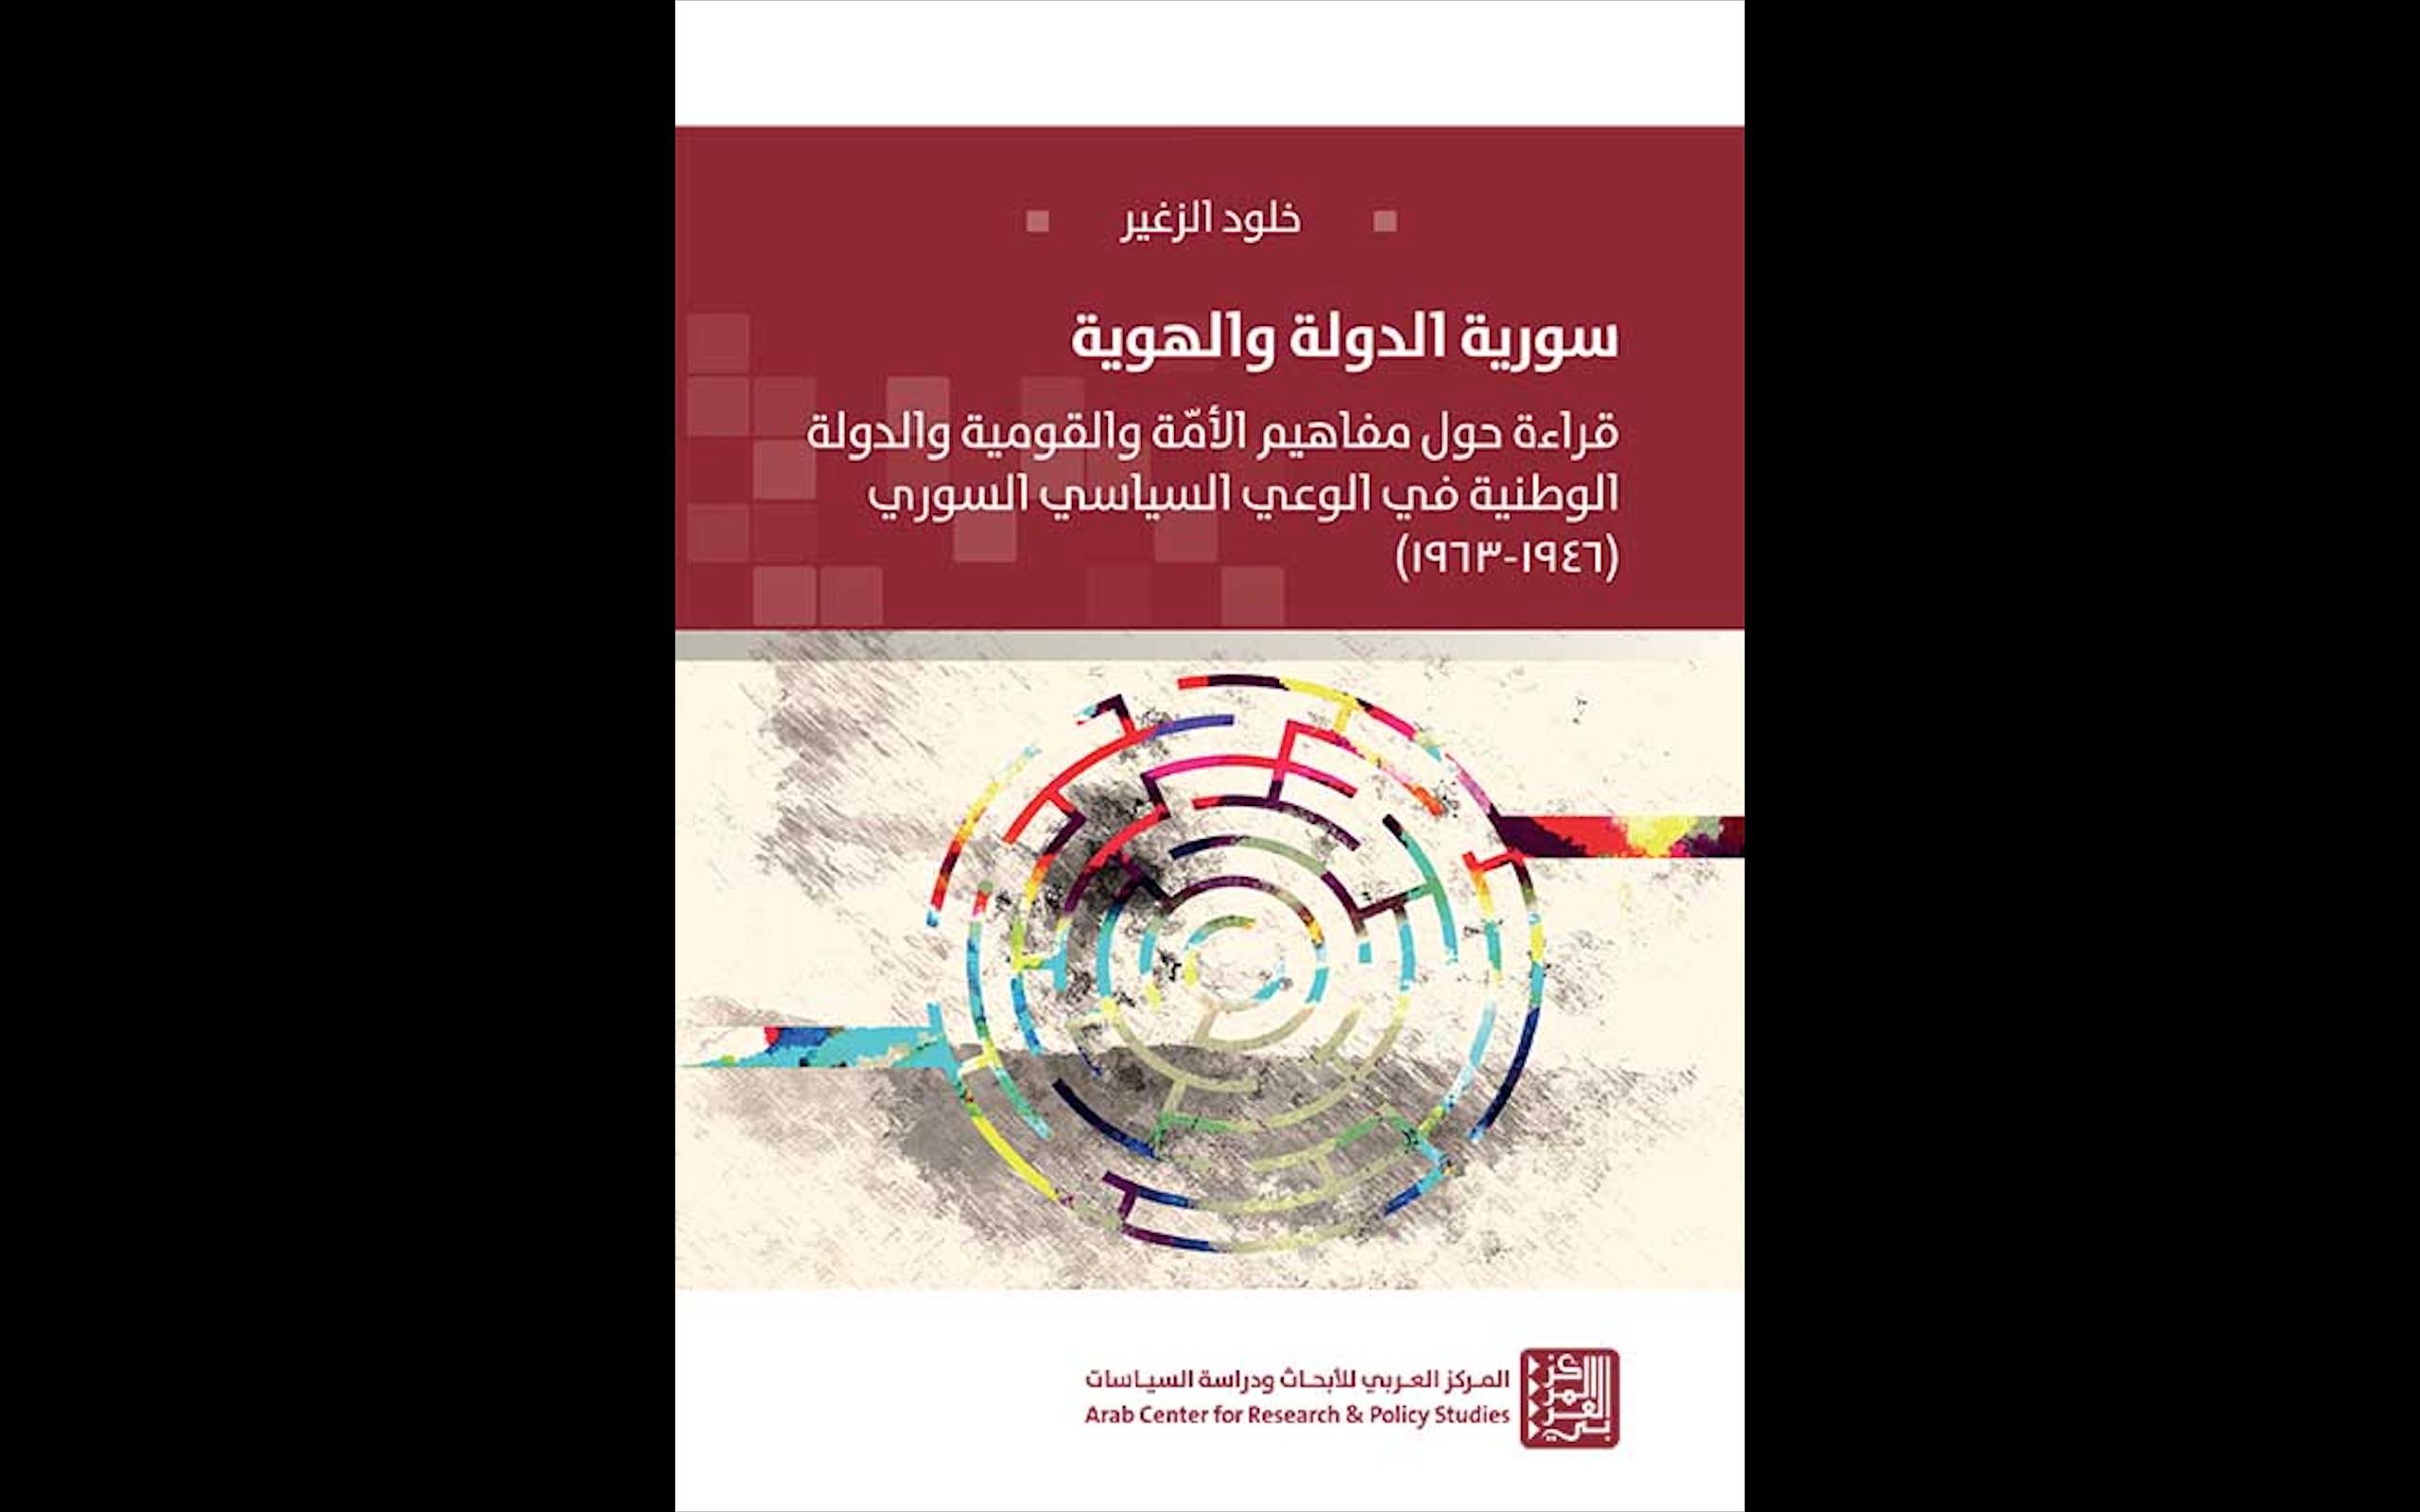 جديد: «سورية الدولة والهوية: قراءة حول مفاهيم الأمّة والقومية والدولة الوطنية في الوعي السياسي السوري (1946-1963)»